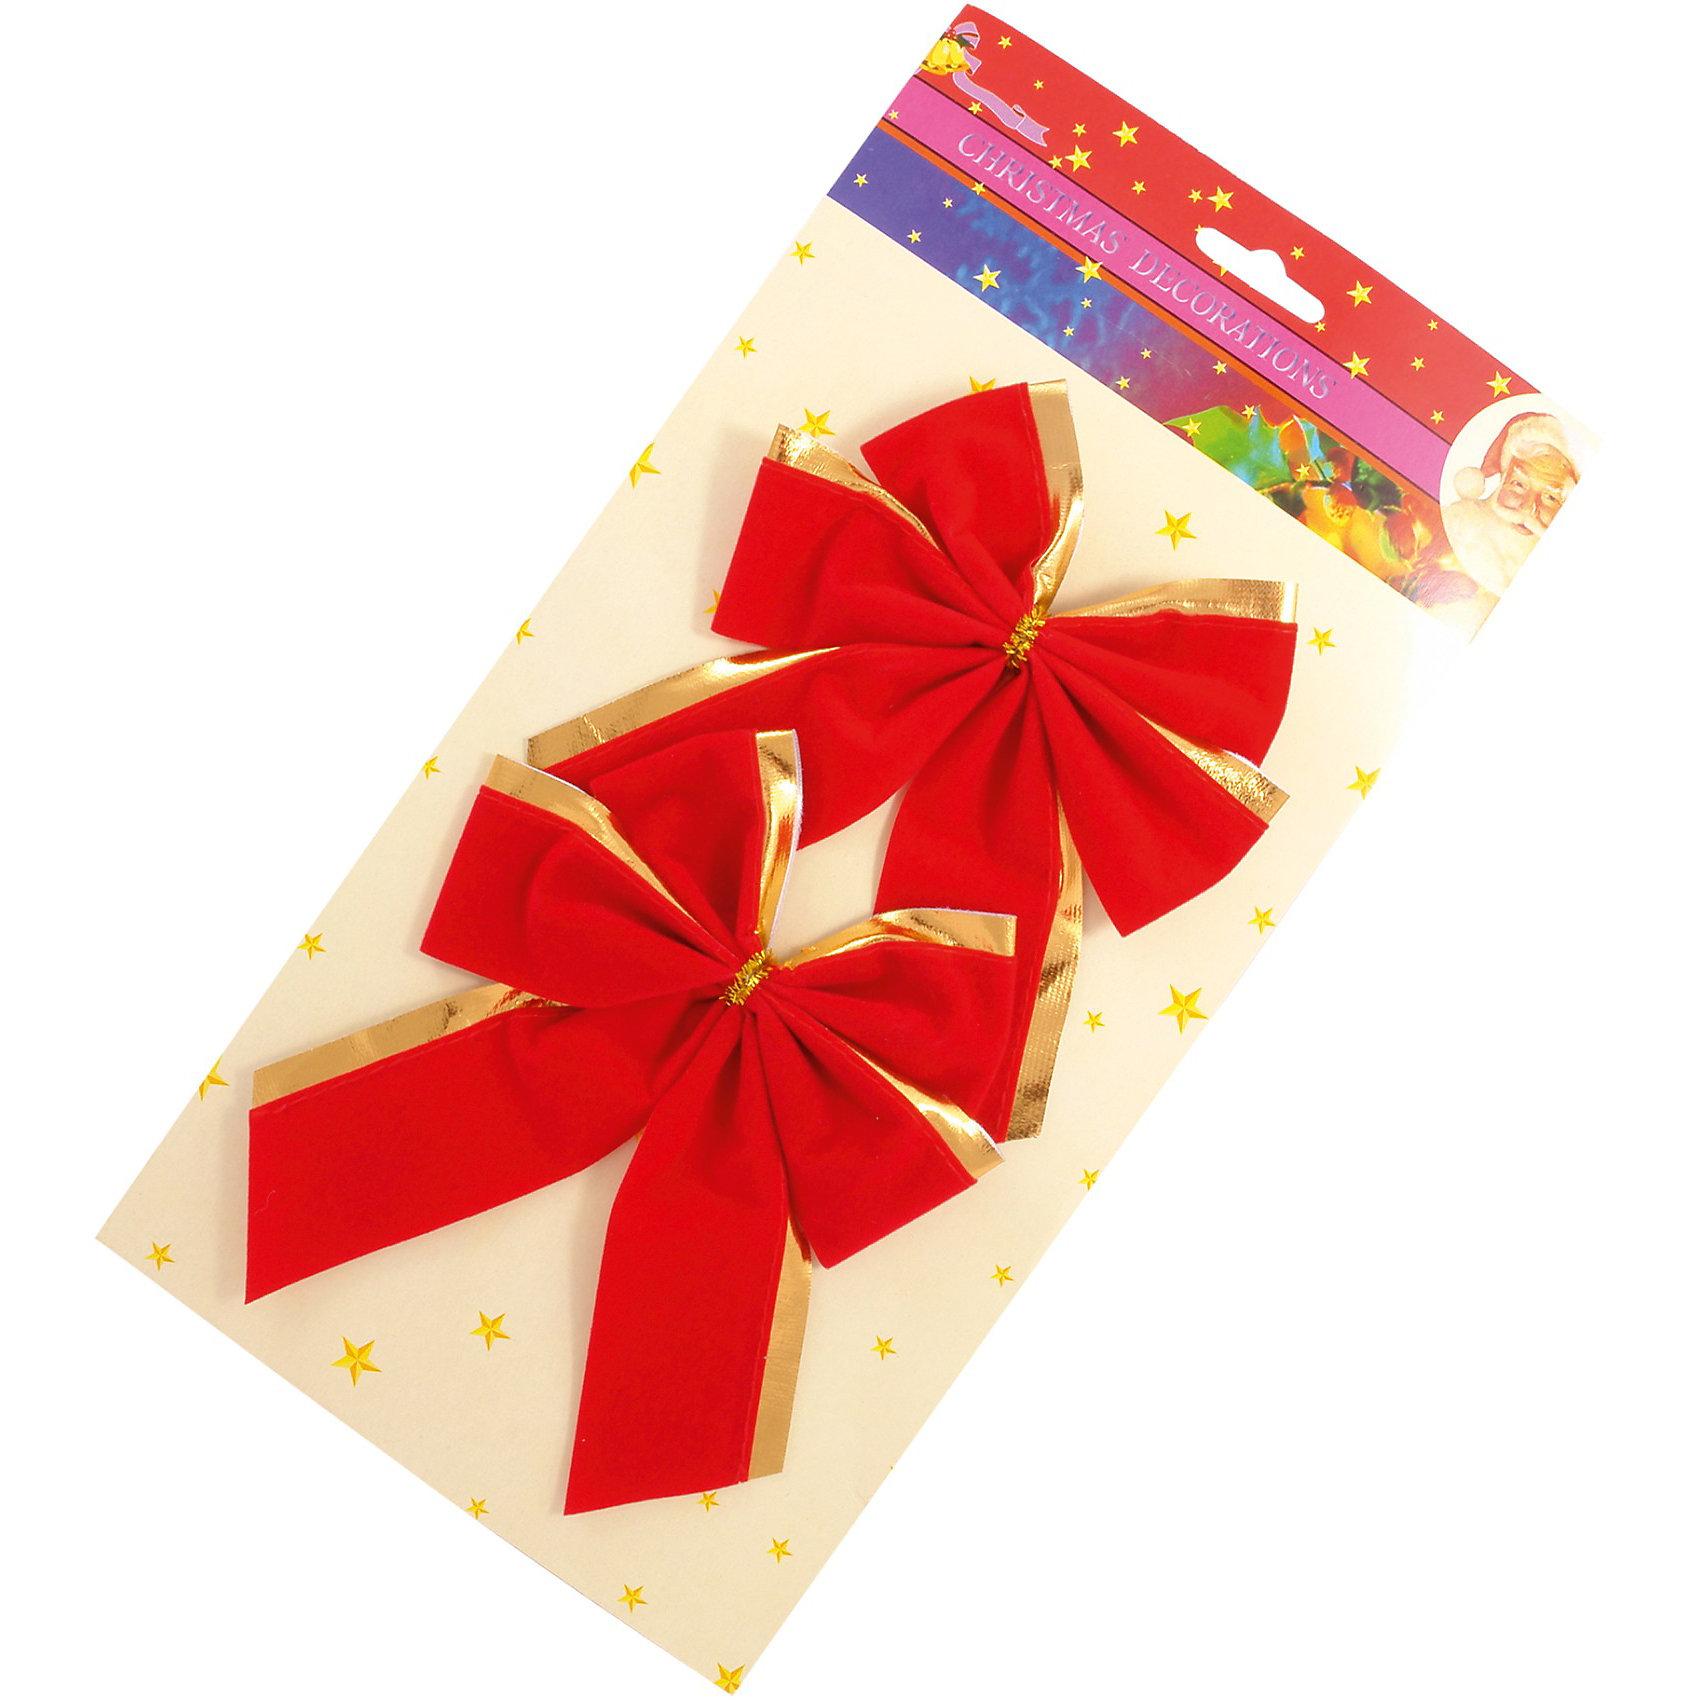 Декоративное украшение «Бантик», 13 х 16 см, 2 шт.Декоративное украшение Бантик, Волшебная страна замечательно дополнит наряд Вашей новогодней елки и поможет создать праздничную волшебную атмосферу. В комплекте 2 нарядных красных бантика с золотой каймой, они будут чудесно смотреться на елке и радовать детей и взрослых. <br><br>Дополнительная информация:<br><br>- В комплекте: 2 шт.<br>- Размер: 13 х 16 см.<br>- Вес: 29 гр. <br><br>Декоративное украшение Бантик, Волшебная страна можно купить в нашем интернет-магазине.<br><br>Ширина мм: 640<br>Глубина мм: 110<br>Высота мм: 20<br>Вес г: 29<br>Возраст от месяцев: 60<br>Возраст до месяцев: 180<br>Пол: Унисекс<br>Возраст: Детский<br>SKU: 3791459